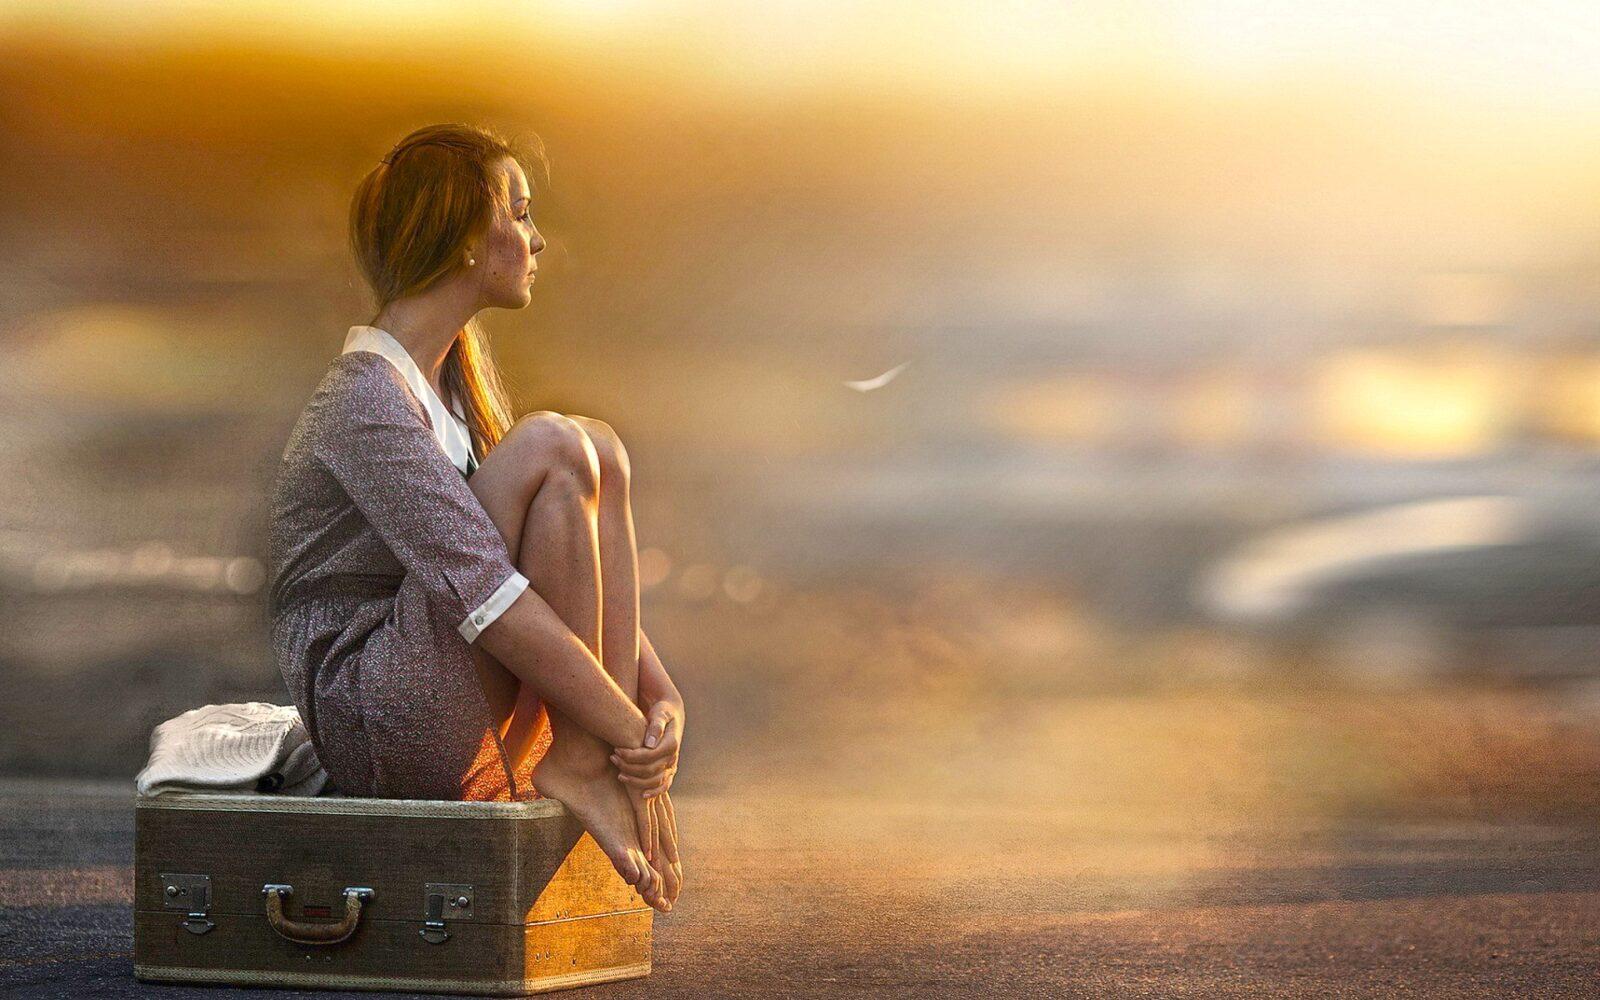 Как сделать мужу нестоячку на других женщин: заговоры 30